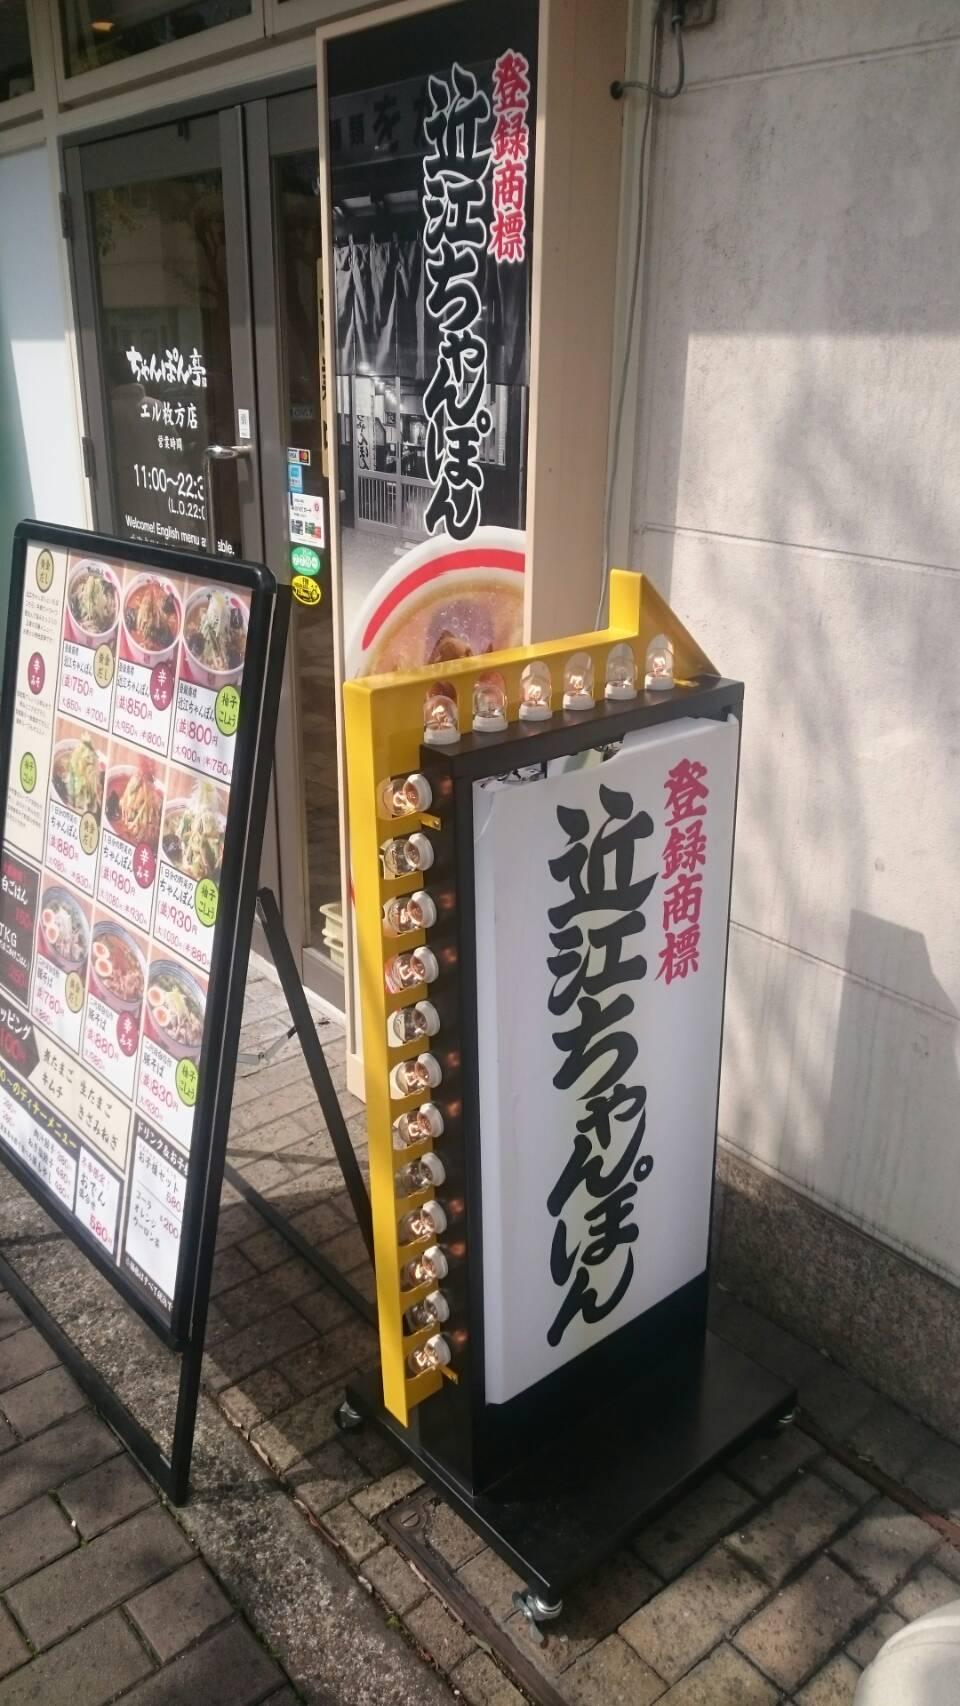 ちゃんぽん亭総本家 枚方店(枚方市/ちゃんぽん)